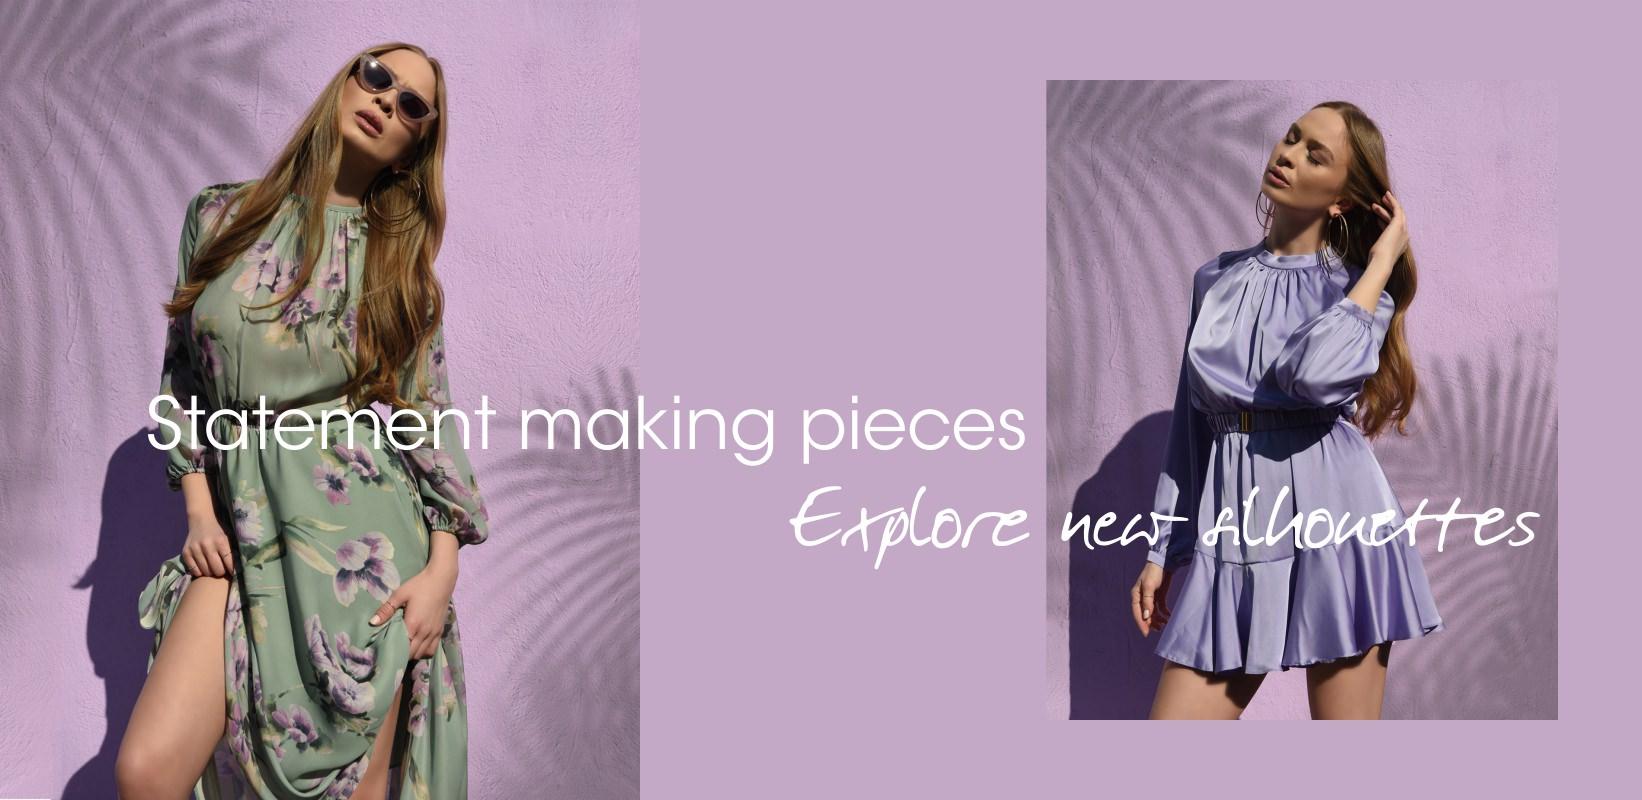 Descopera colectia de rochii POEMA cu imprimeuri si culori variate, in tendinte